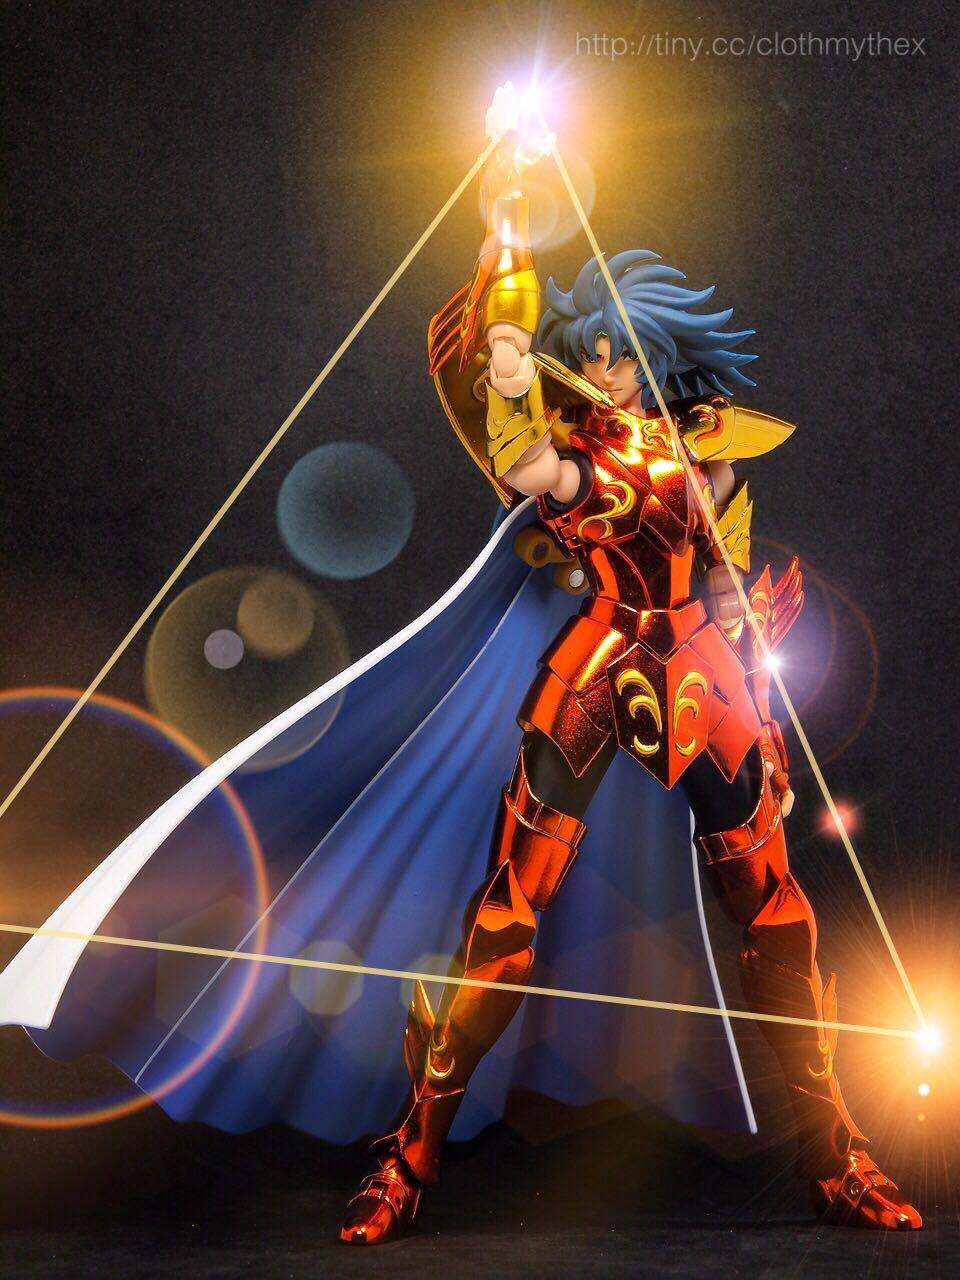 [Comentários] Saint Cloth Myth EX - Kanon de Dragão Marinho - Página 10 40n1OnLK